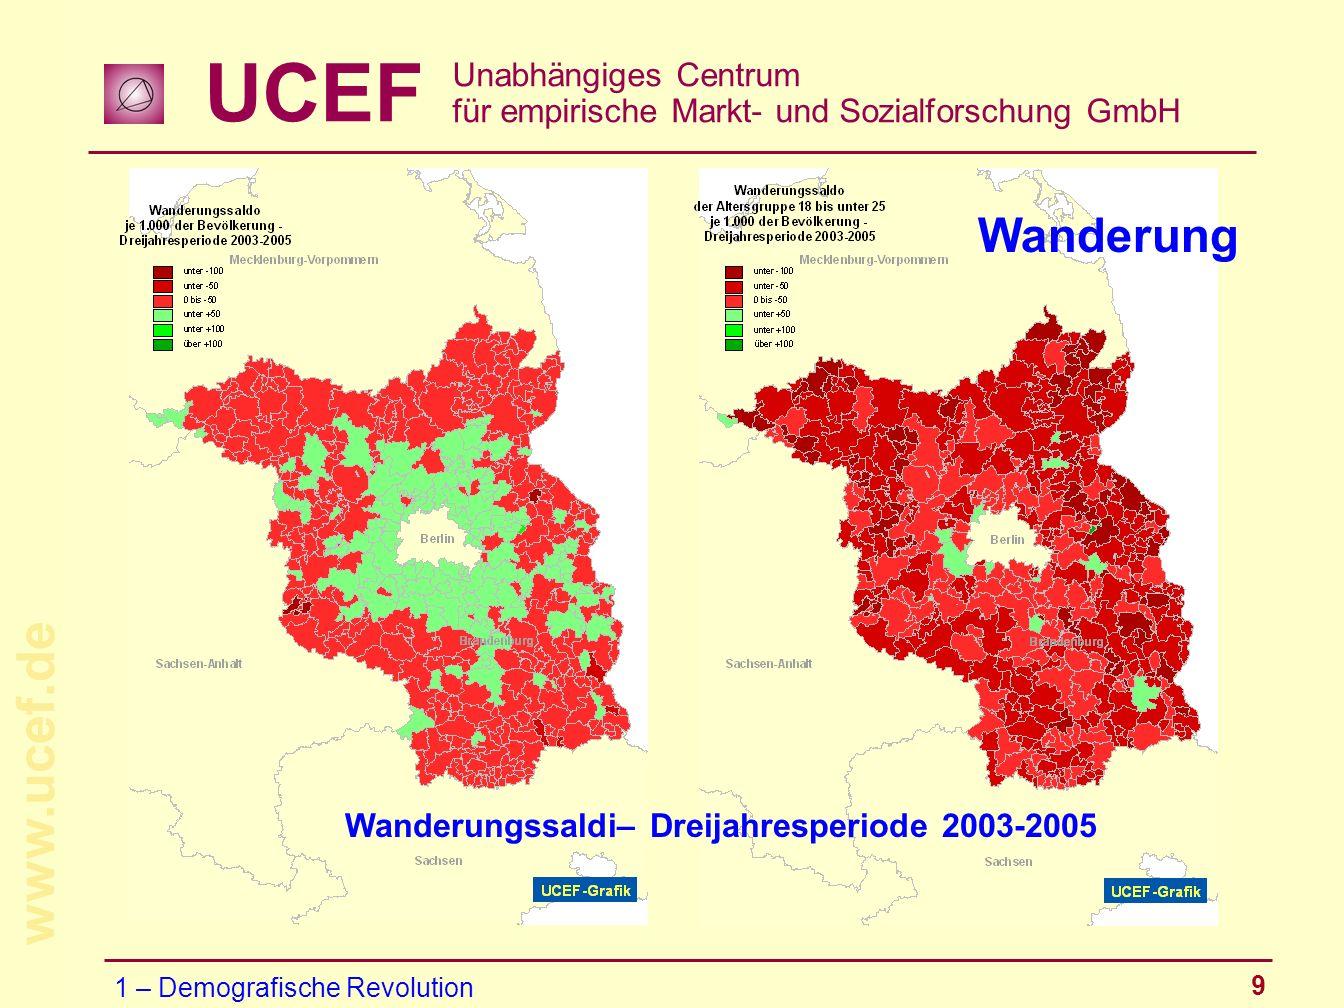 UCEF Unabhängiges Centrum für empirische Markt- und Sozialforschung GmbH www.ucef.de 9 1 – Demografische Revolution Wanderung Wanderungssaldi– Dreijah